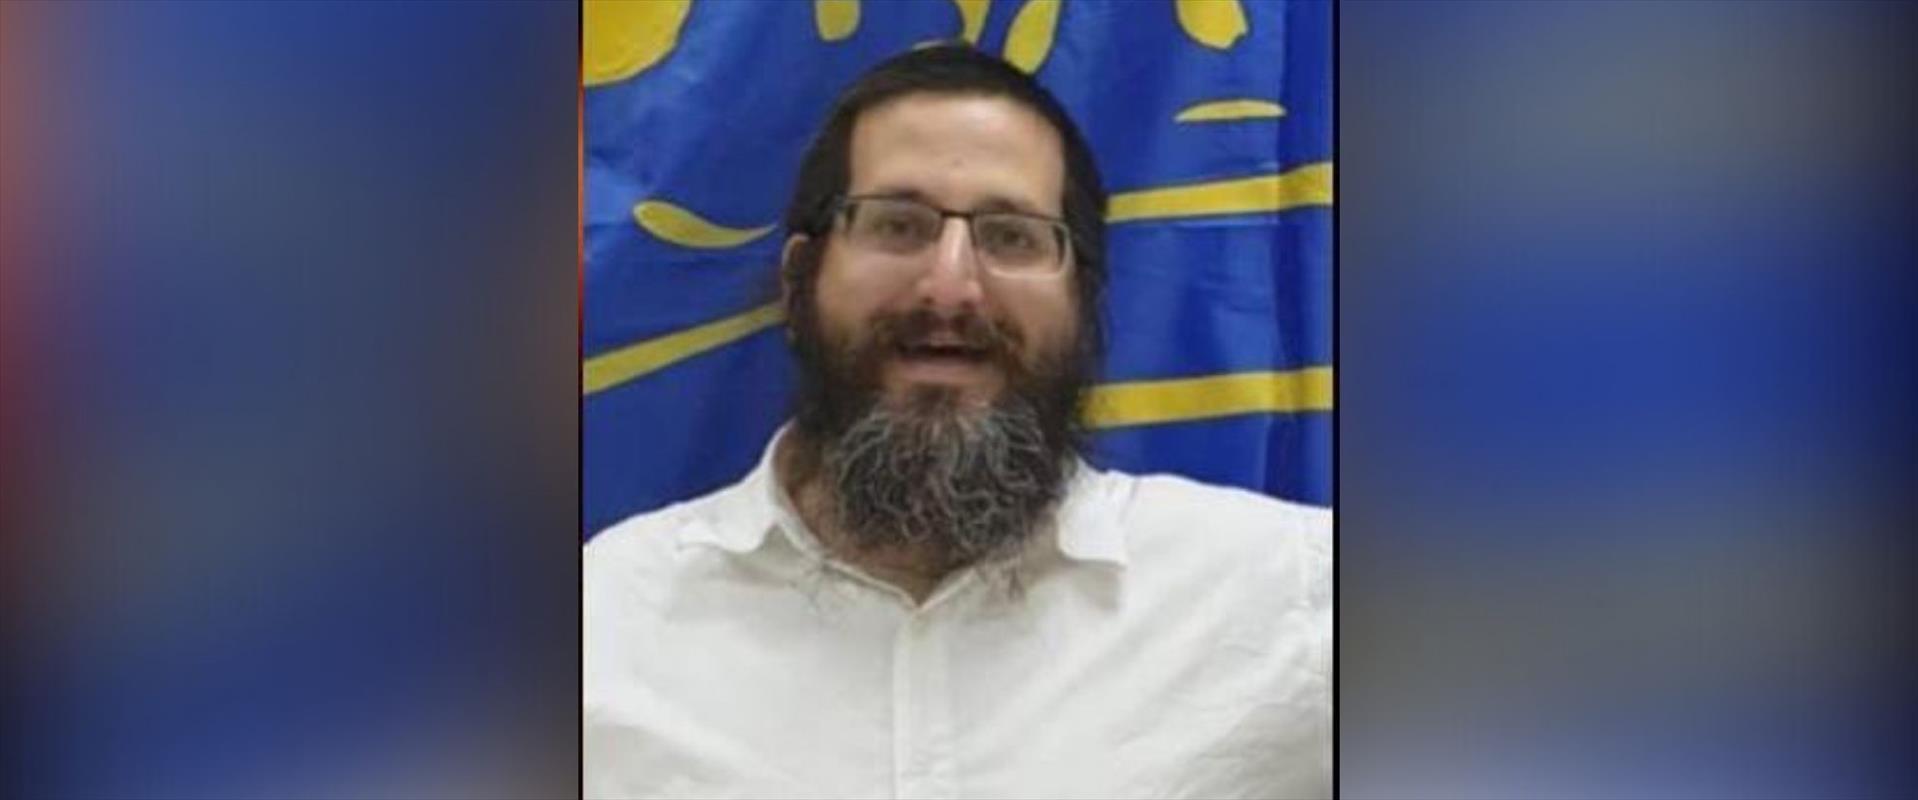 הרב מרדכי חסין